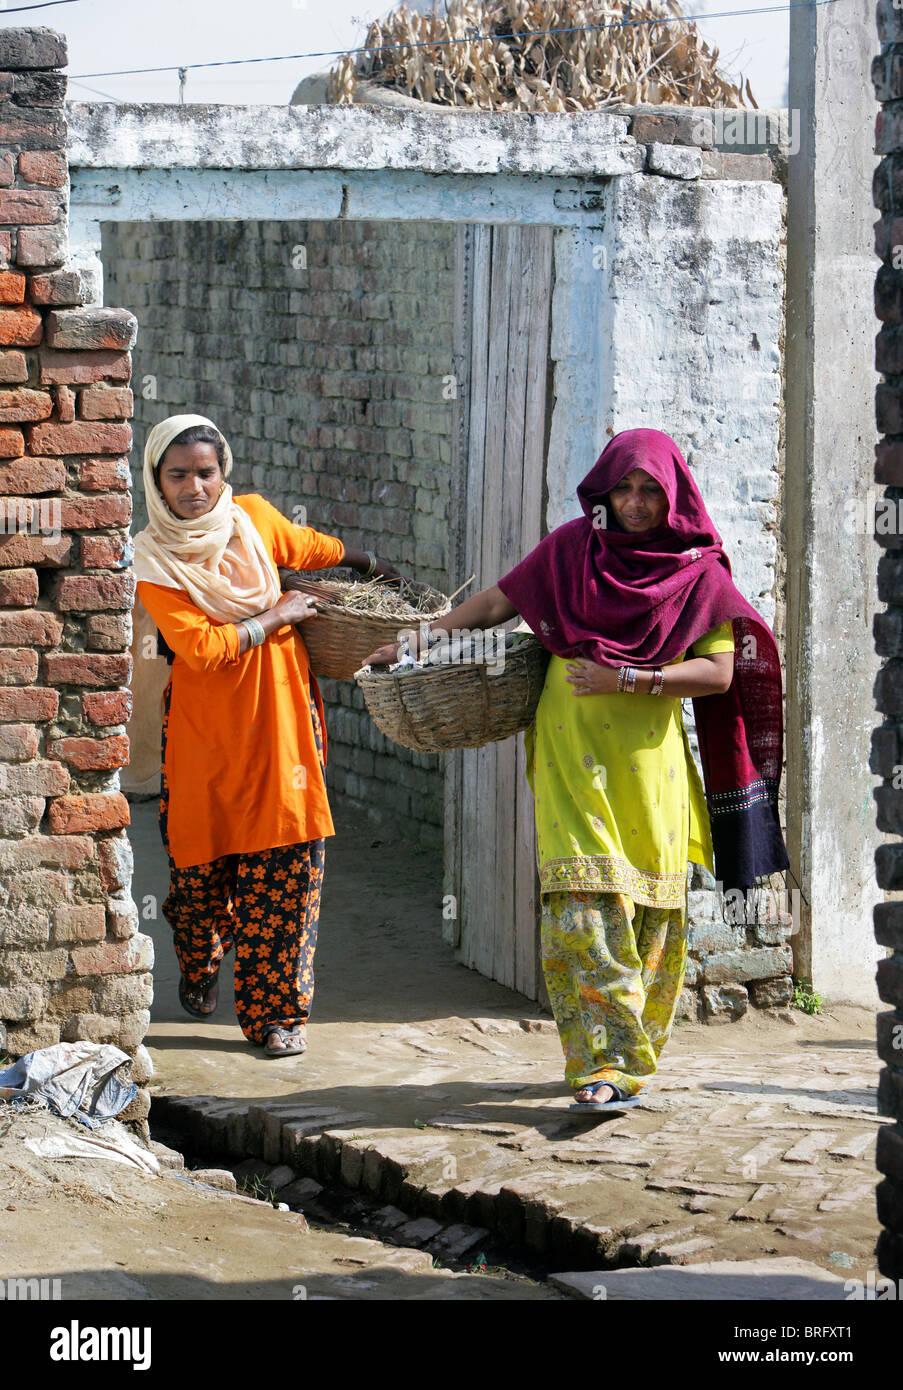 Dalit-Frauen aus der Besetzung der Unberührbaren arbeitet als Scavangers, Reinigung von menschlichen Exkrementen. Stockbild